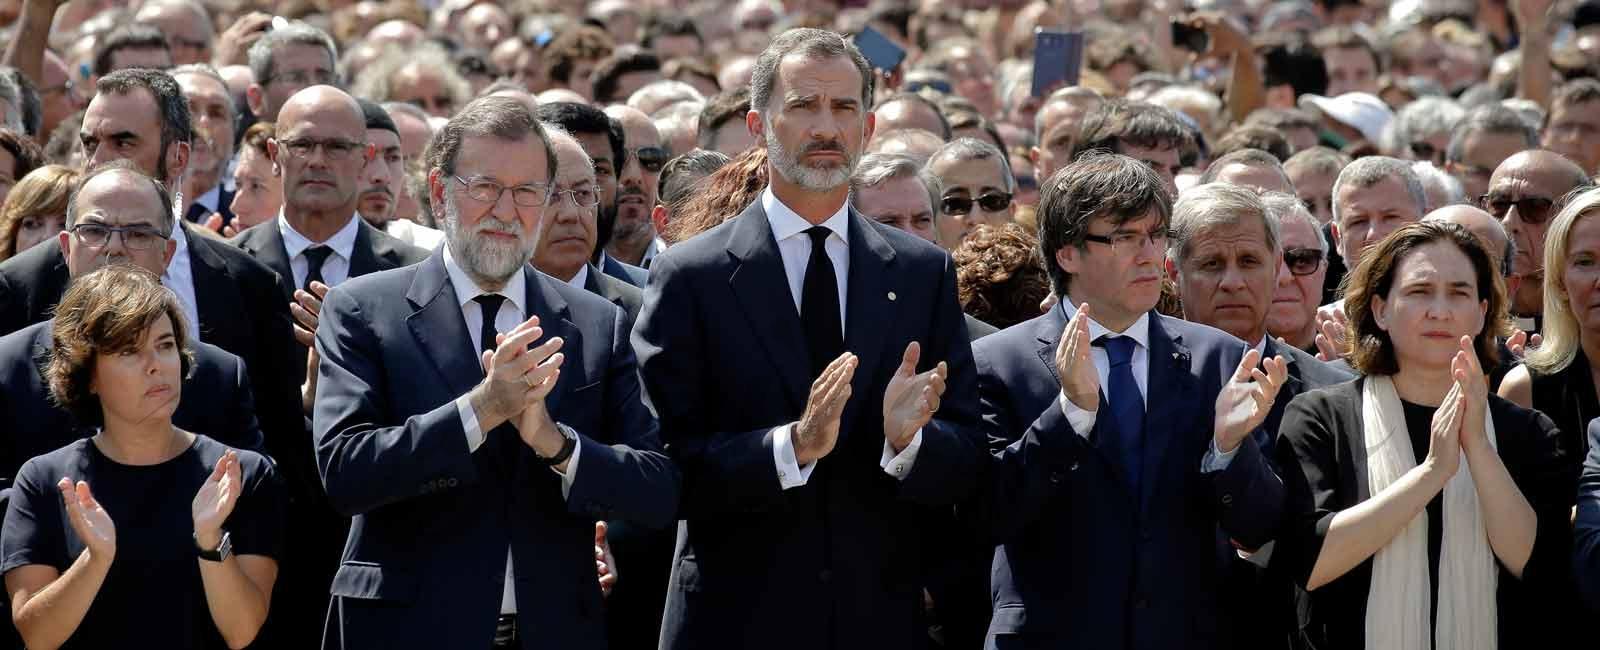 El Rey Felipe preside el multitudinario minuto de silencio en recuerdo a las víctimas de Barcelona